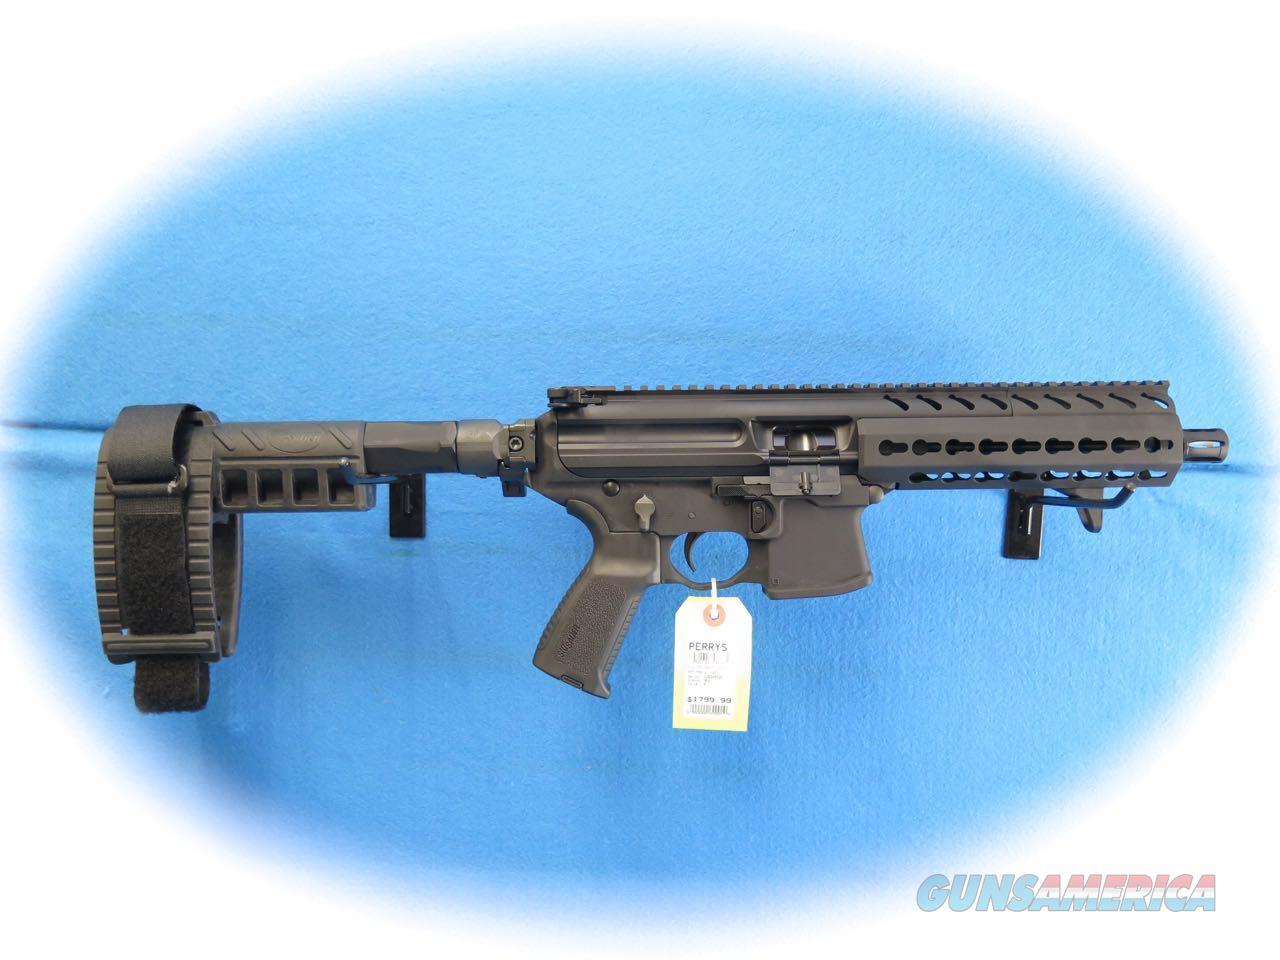 Sig Sauer MPX PSB 9mm Pistol Model MPX-P-9-KM-PSB **New**  Guns > Pistols > Sig - Sauer/Sigarms Pistols > Other